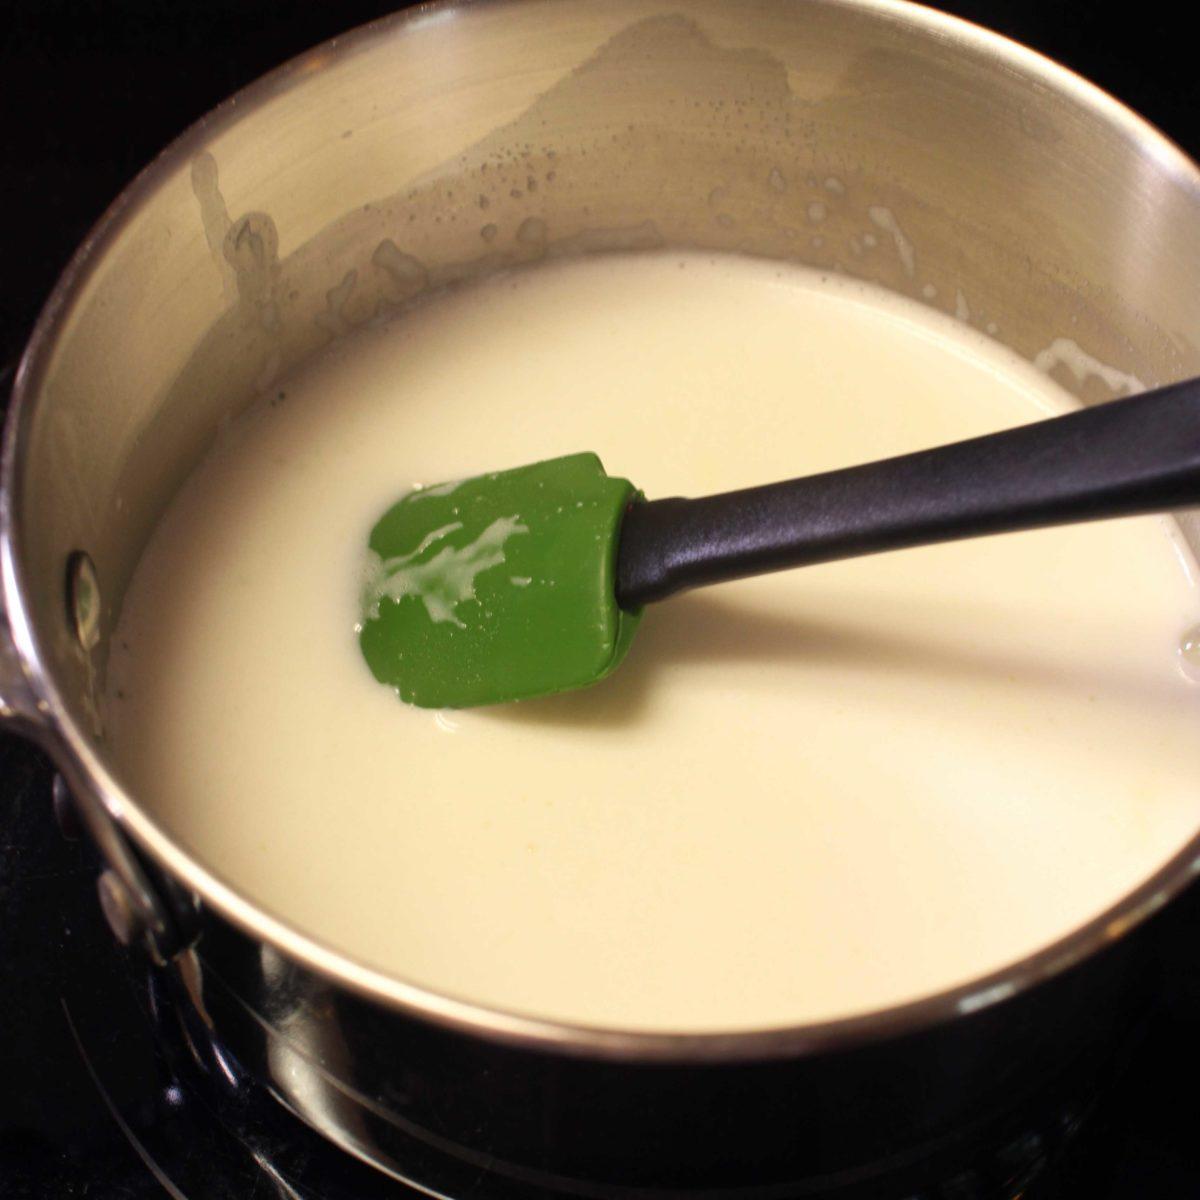 stirring milk in a pot.